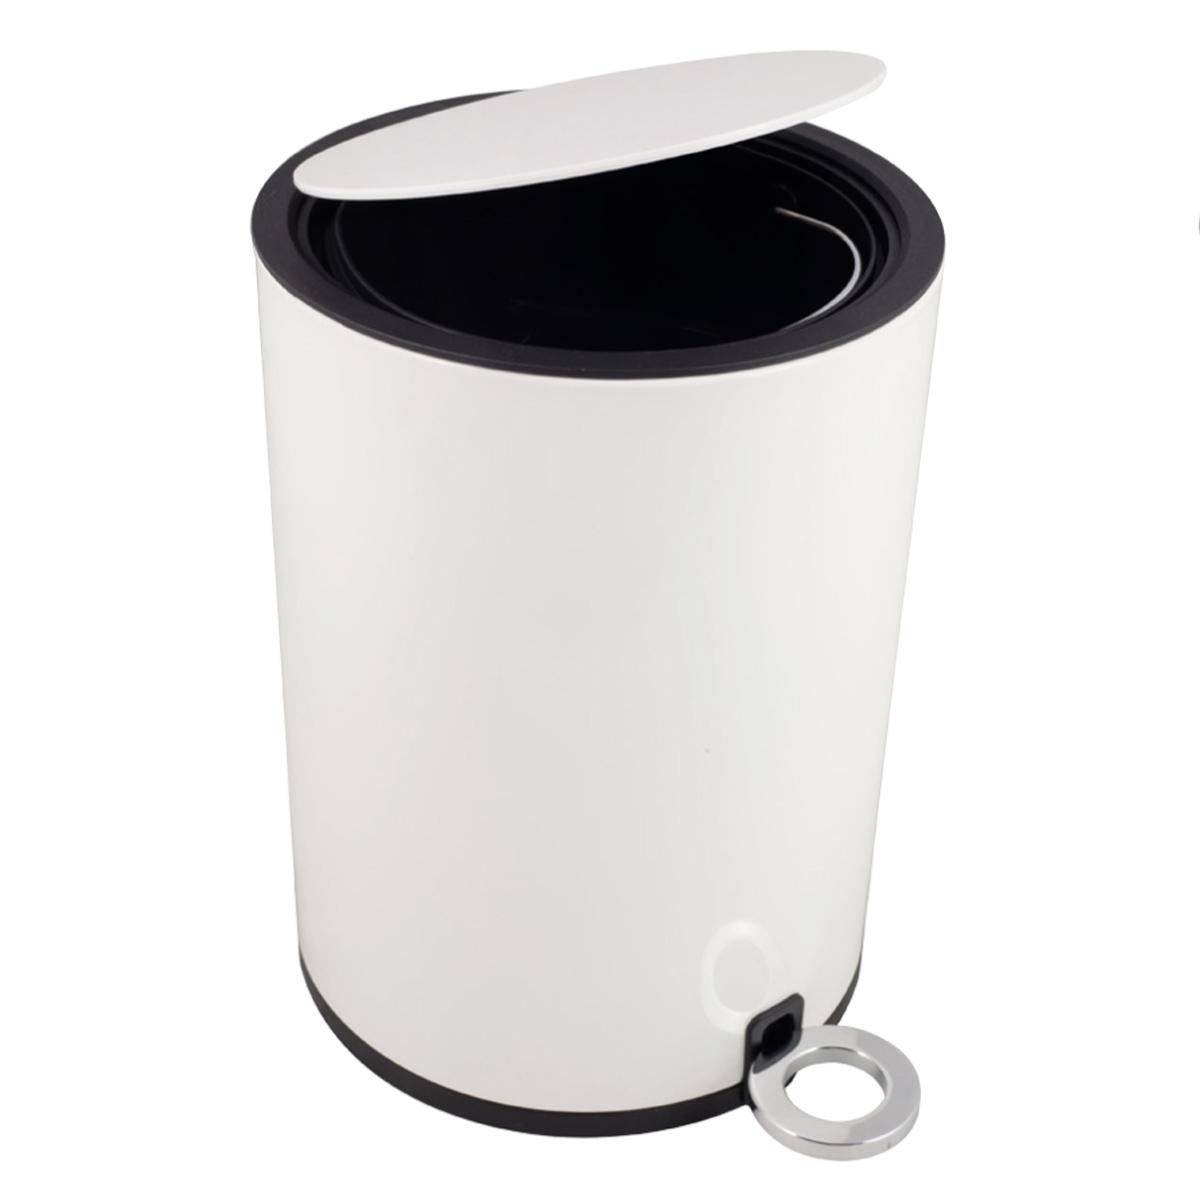 Odpadkový kôš / kúpeľňa, 3l, pomaly sa zatvárajúca, biela